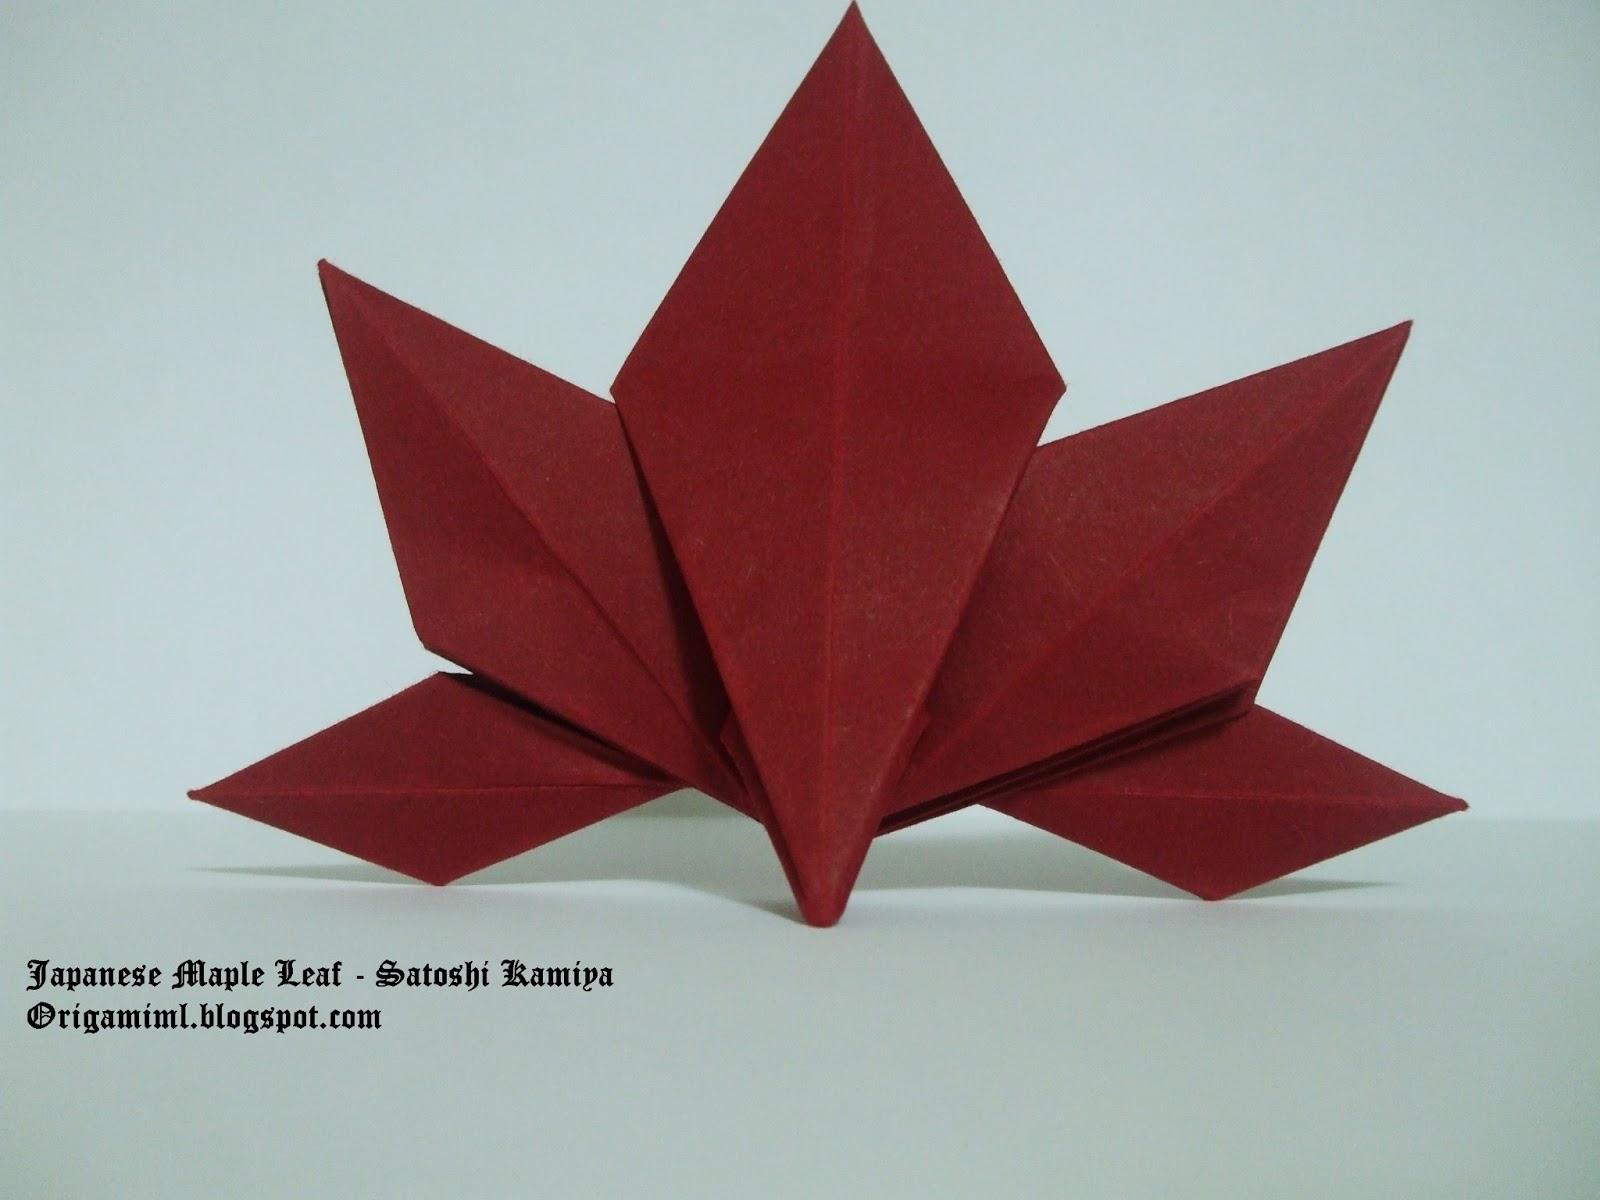 Origami Is For Everyone: Japanese Maple Leaf - Satoshi Kamiya - photo#37